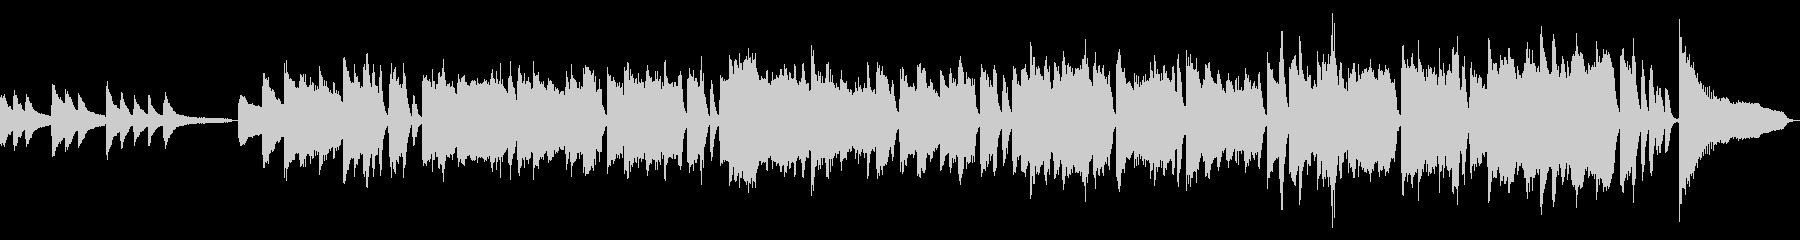 【ピアノソロ】ジングルベル(ジャズ風)の未再生の波形